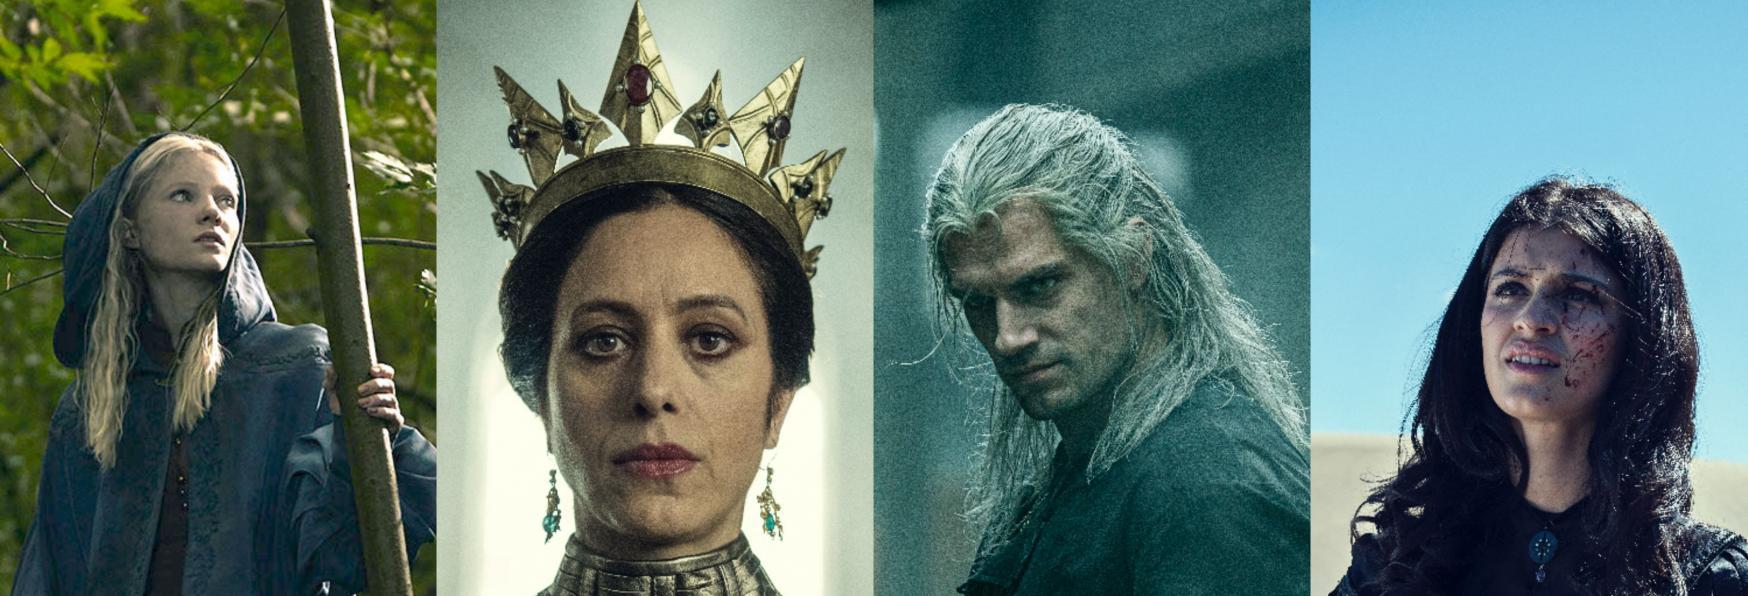 The Witcher: lo Sceneggiatore svela la trama della 2° Stagione della Serie TV Netflix